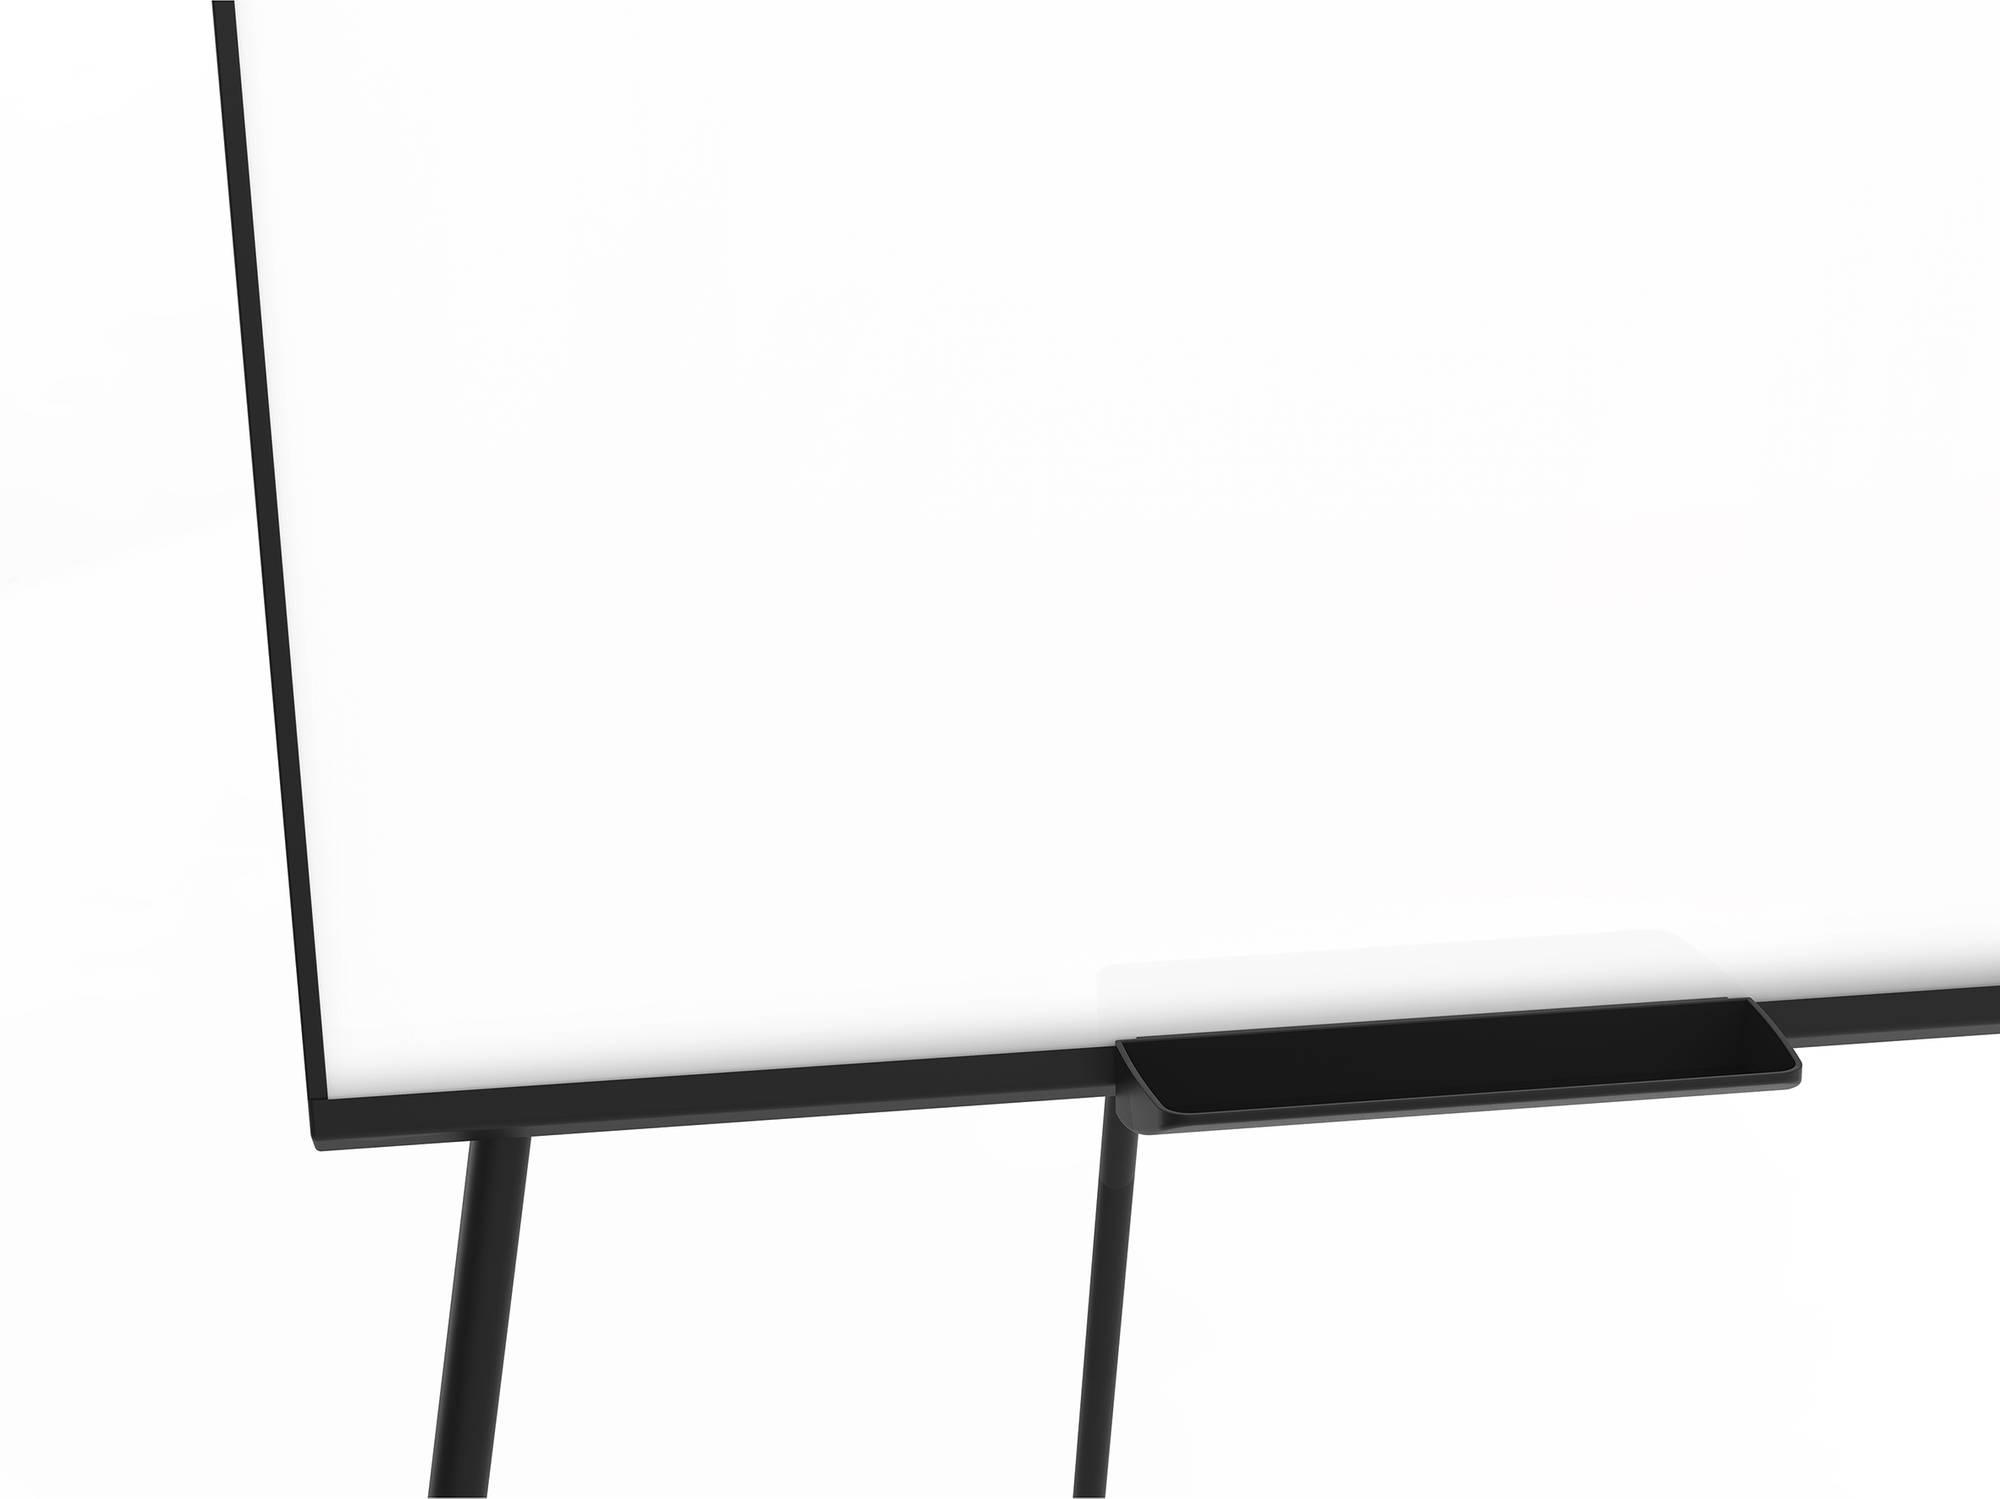 Detailansicht Flipchart ECONOMY Triangle mit praktischer Ablageschale in der Mitte der Tafel